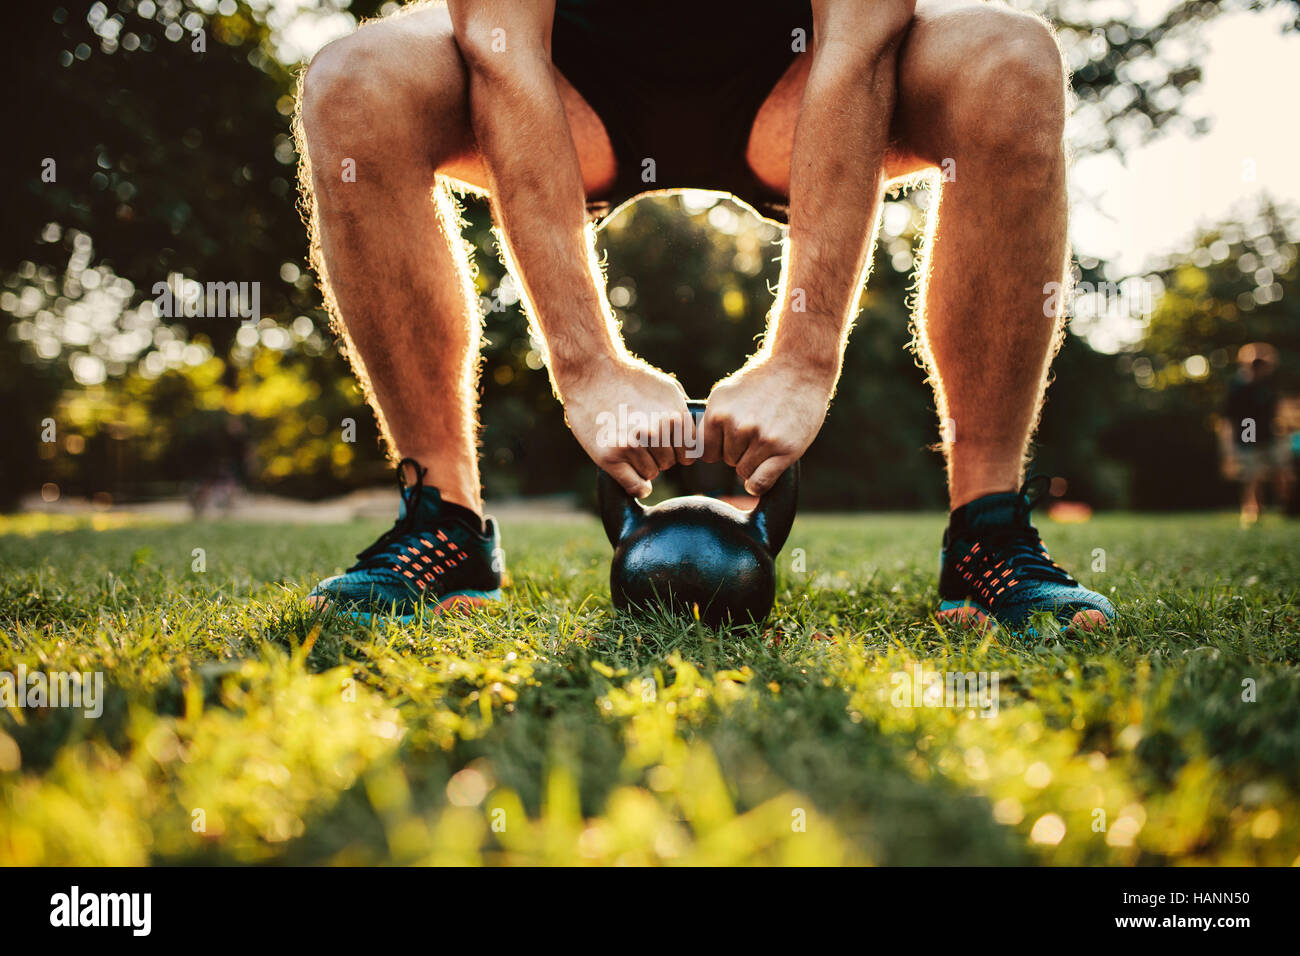 Ritagliato colpo di montare il giovane uomo facendo kettlebell allenamento nel parco, concentrarsi sulle mani bollitore Immagini Stock